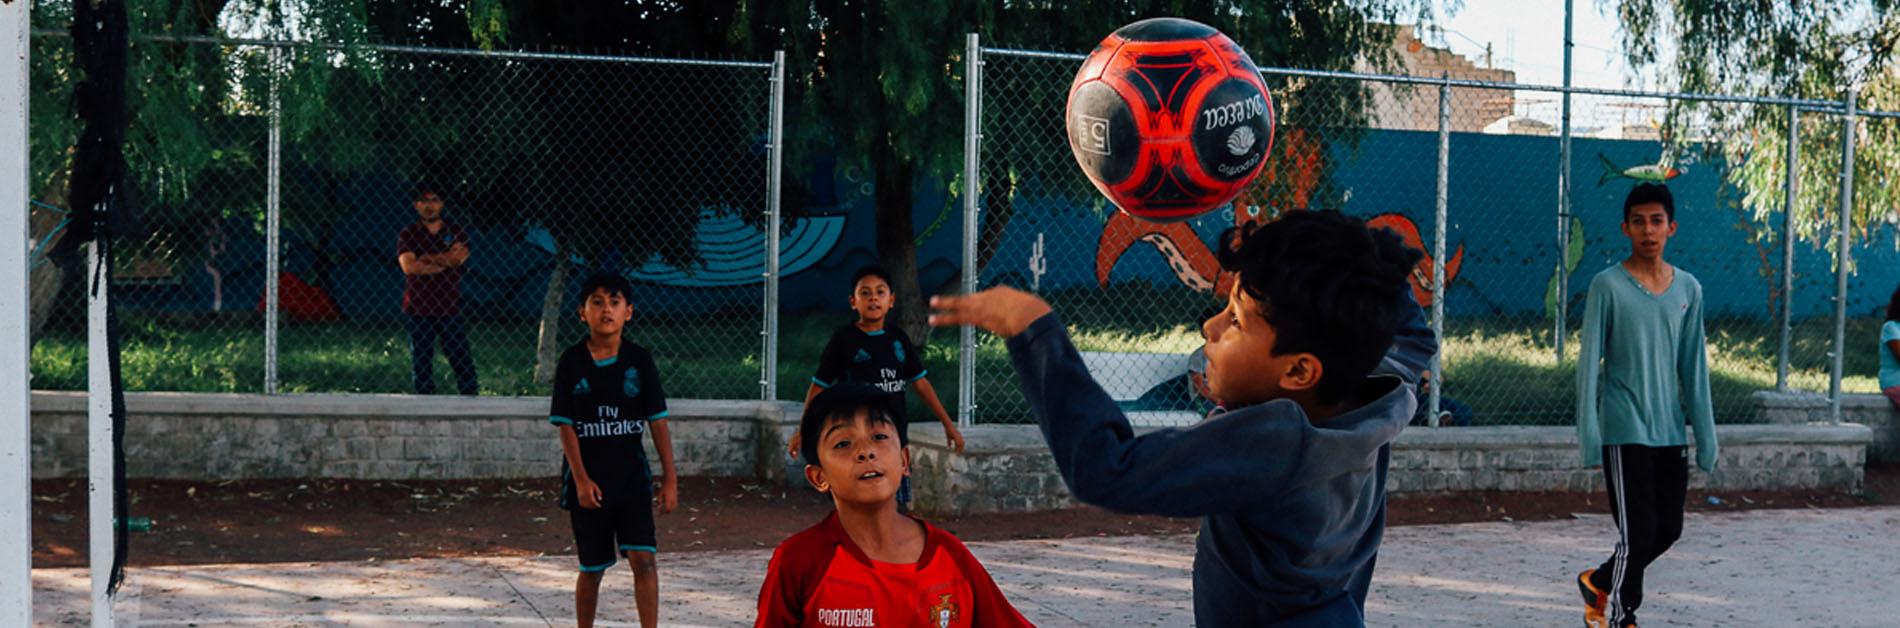 41 Cosas Que Hacen Los Niños Para Jugar Fútbol En Tlajomulco